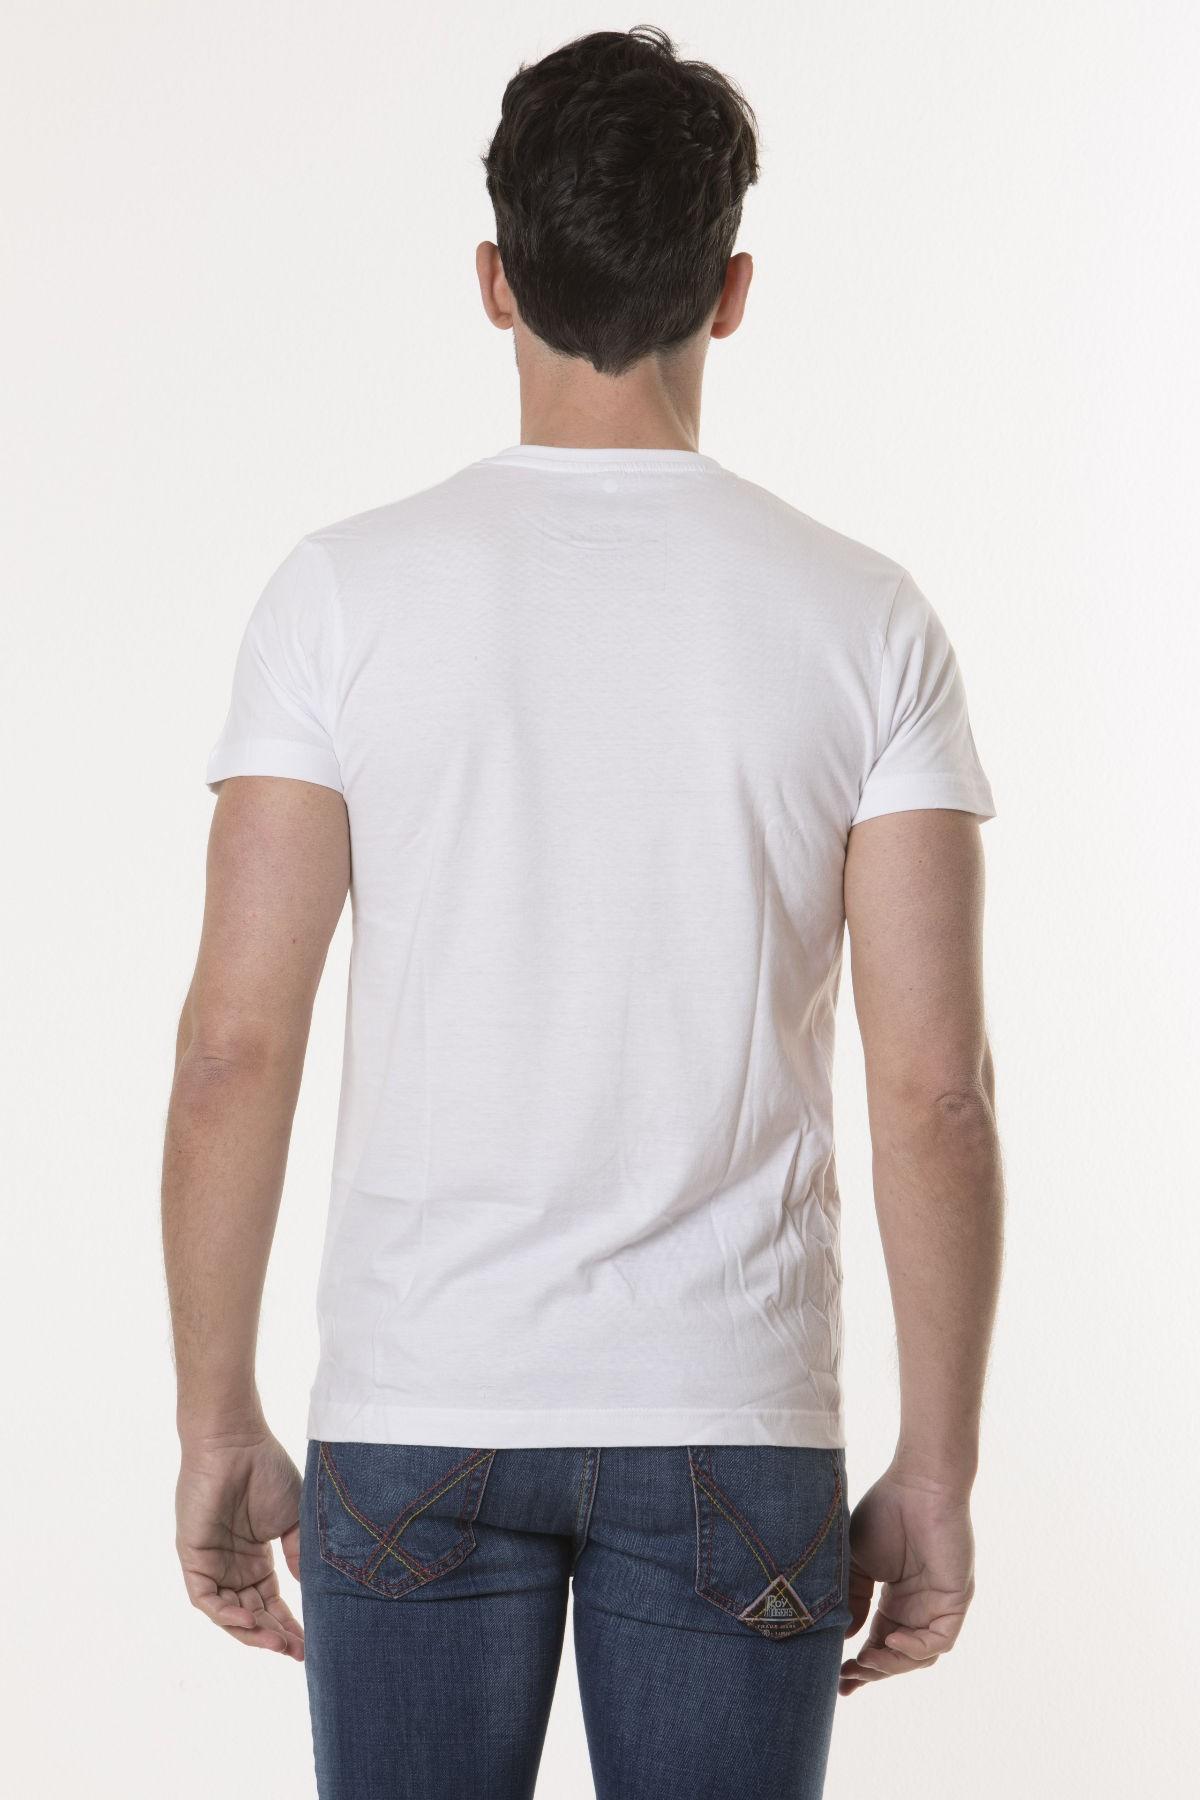 Colored Per Shirt Revolution T Uomo Pe 18 wZuPkXOiTl